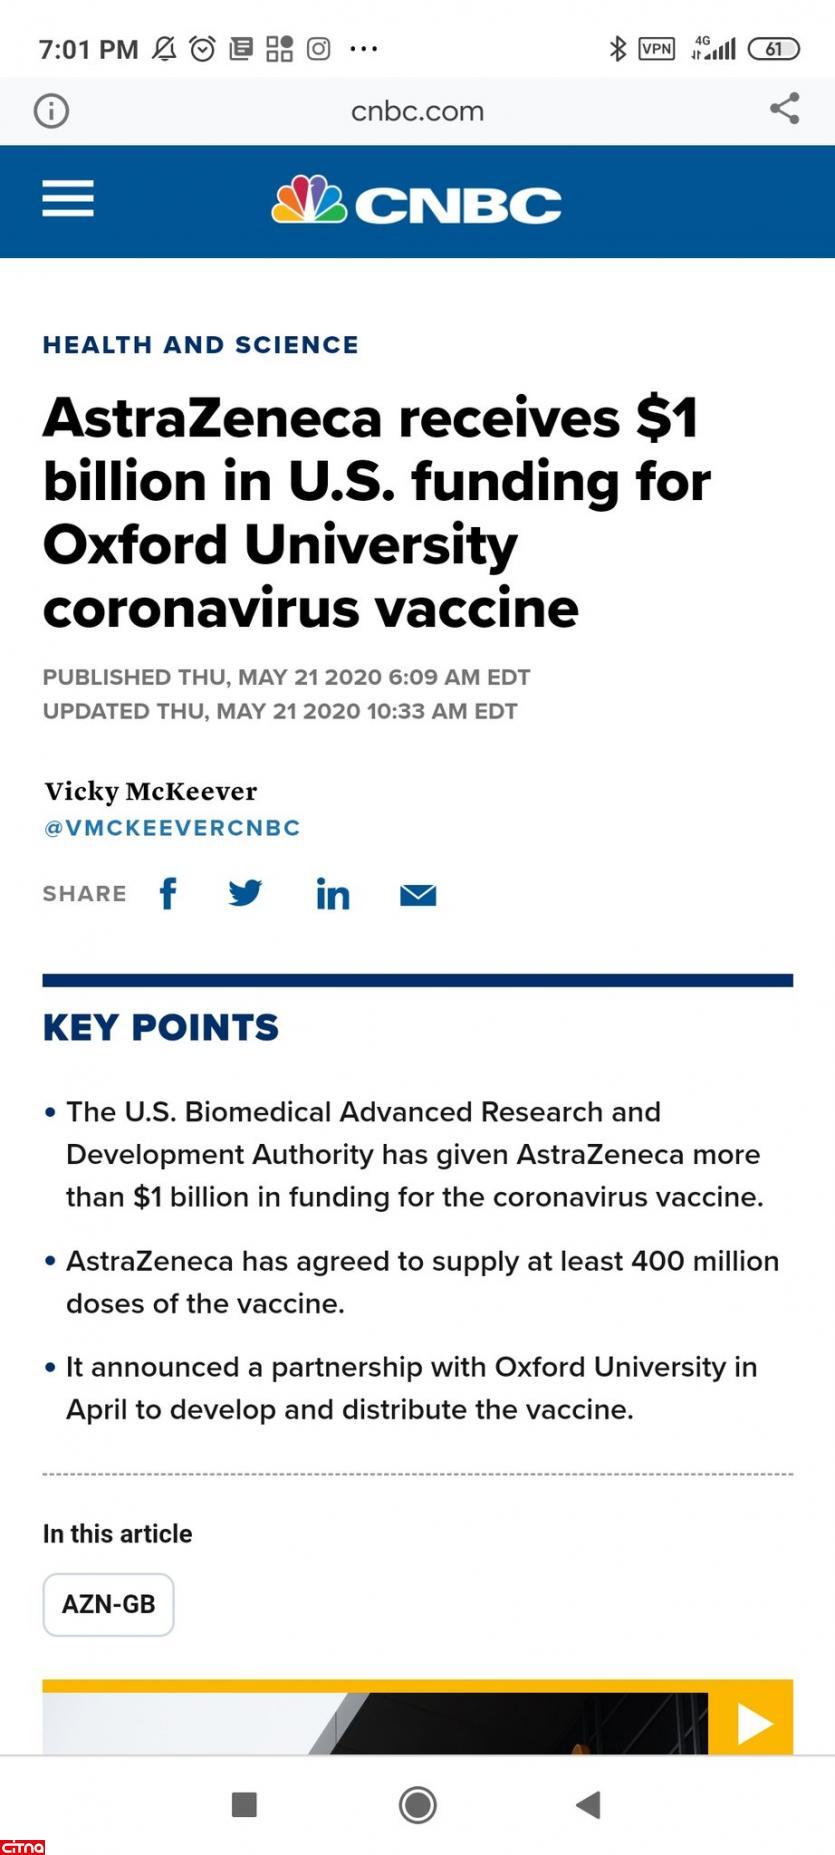 سرمایهگذاری برای واکسن برکت چه میزان بوده است؟